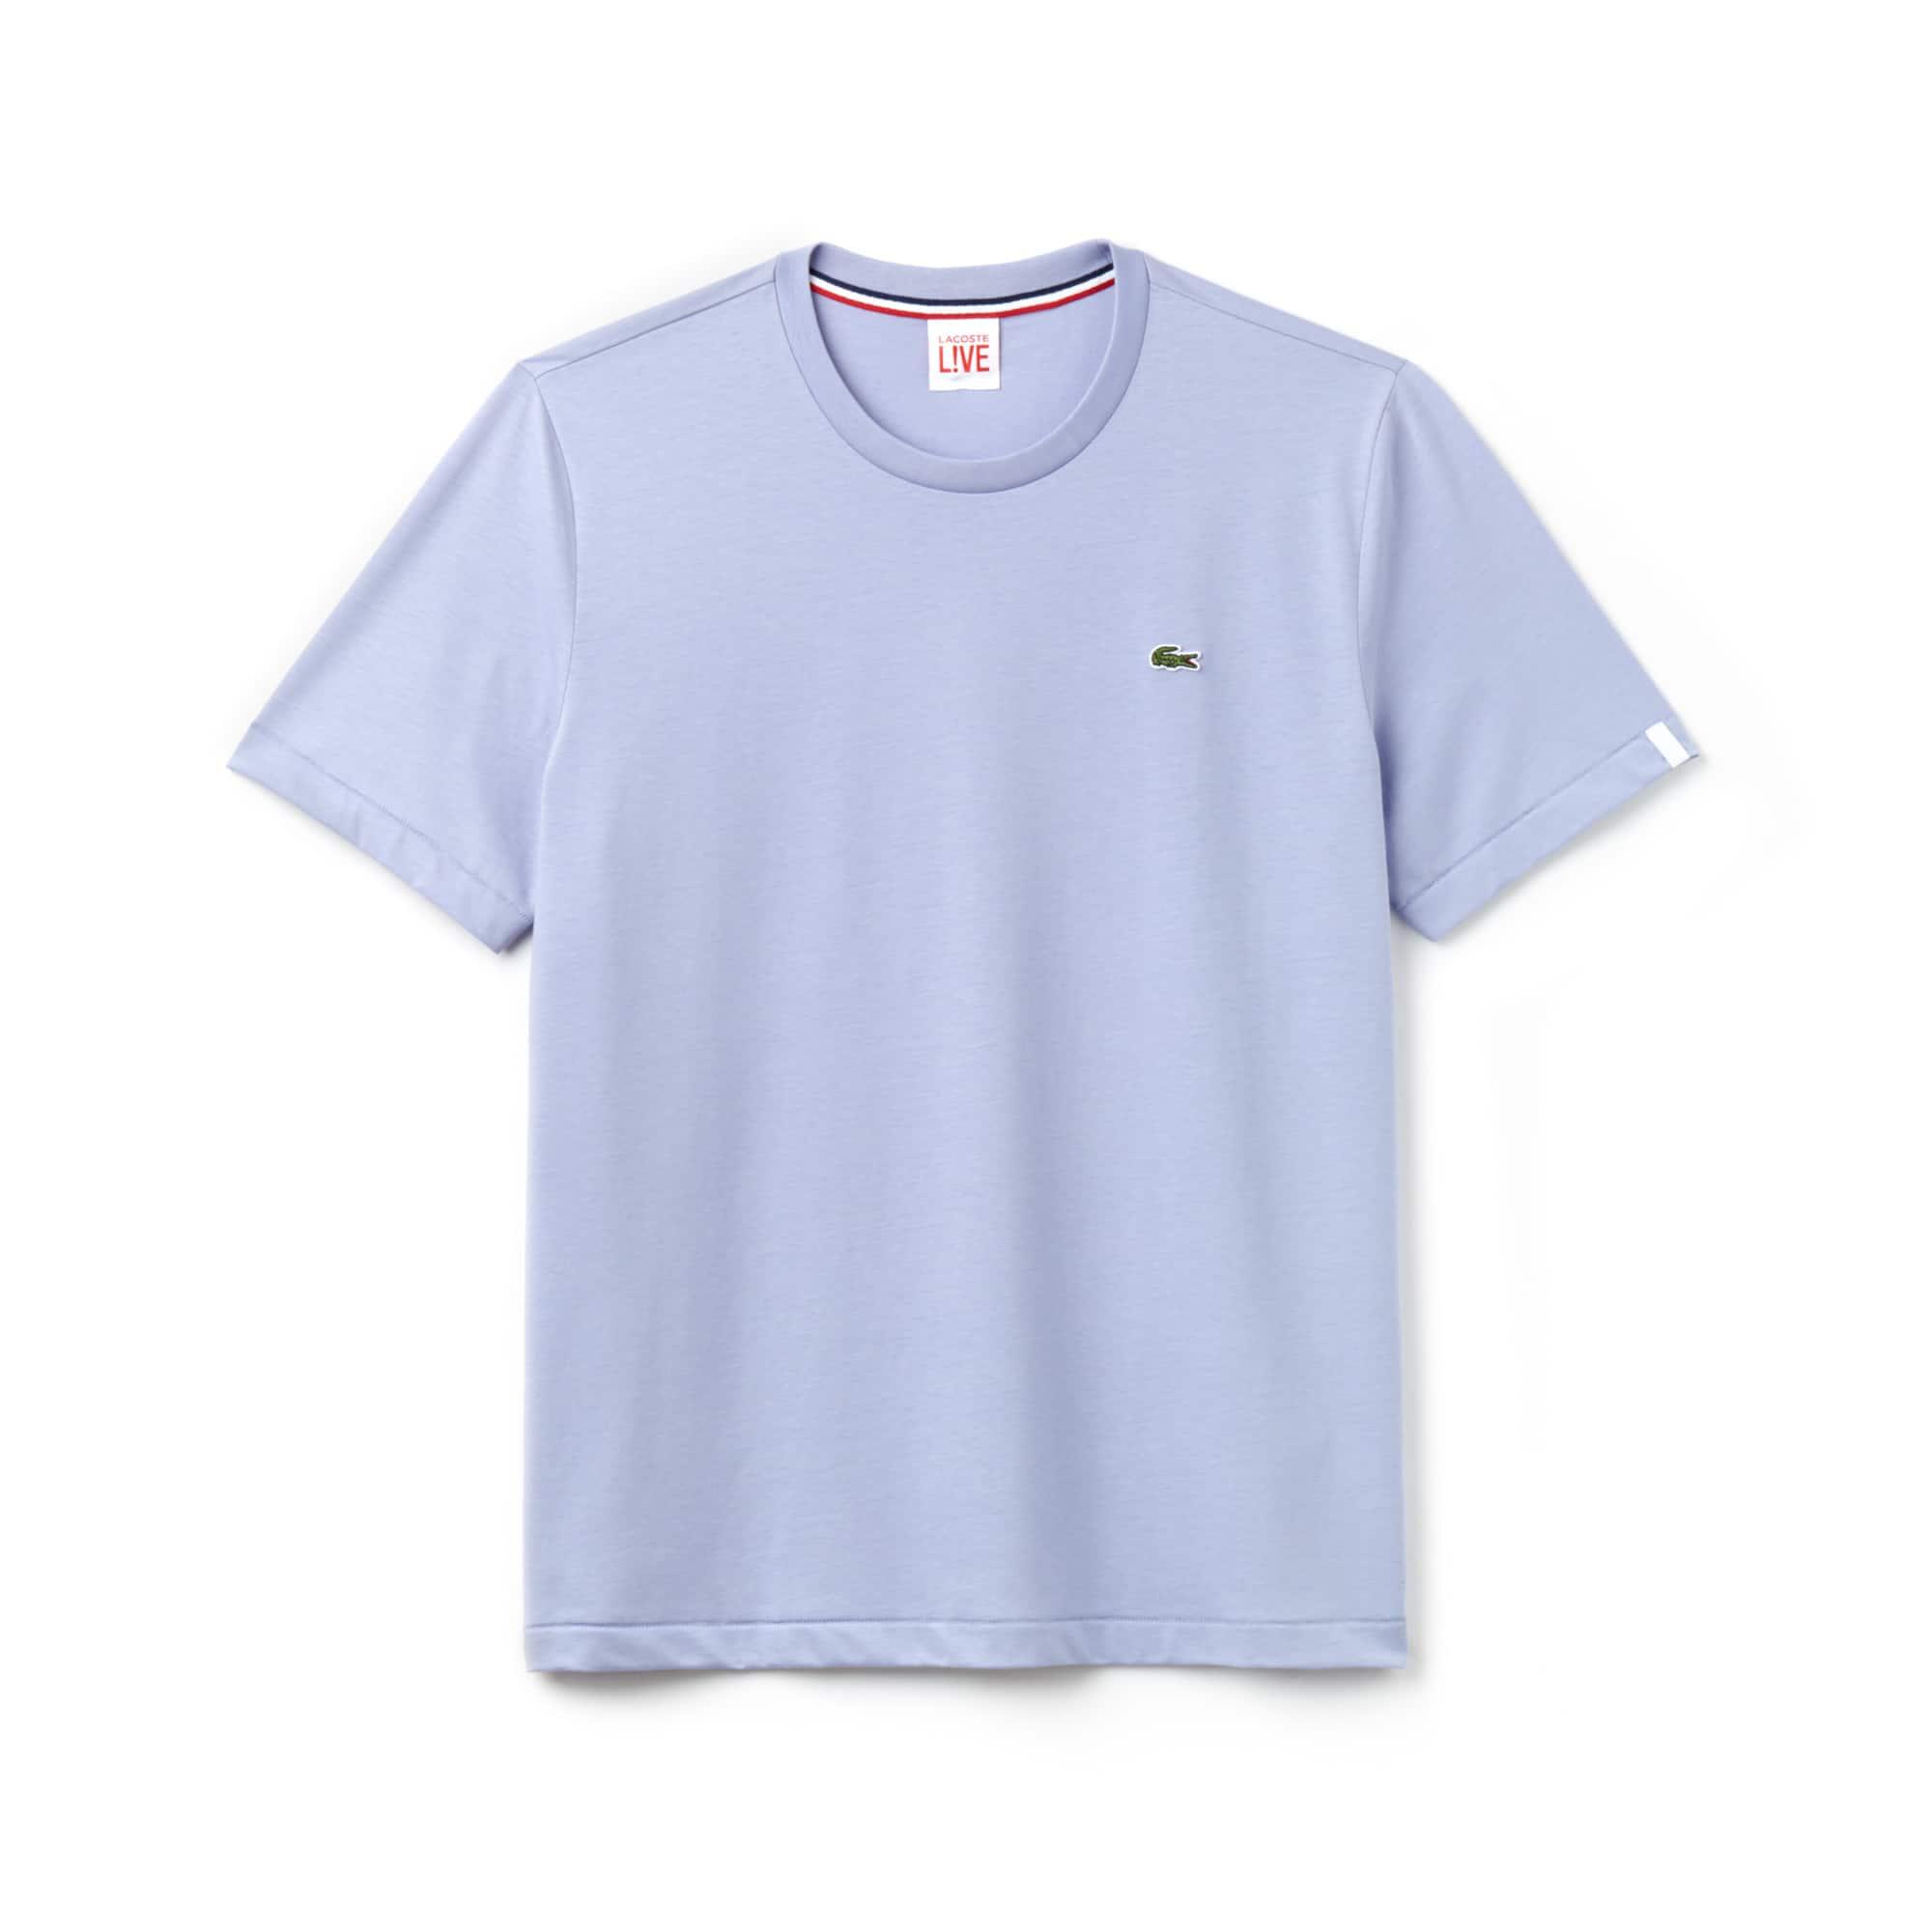 c2945ecff348a Camiseta Lacoste LIVE Unissex em Jérsei de Algodão com Gola Redonda